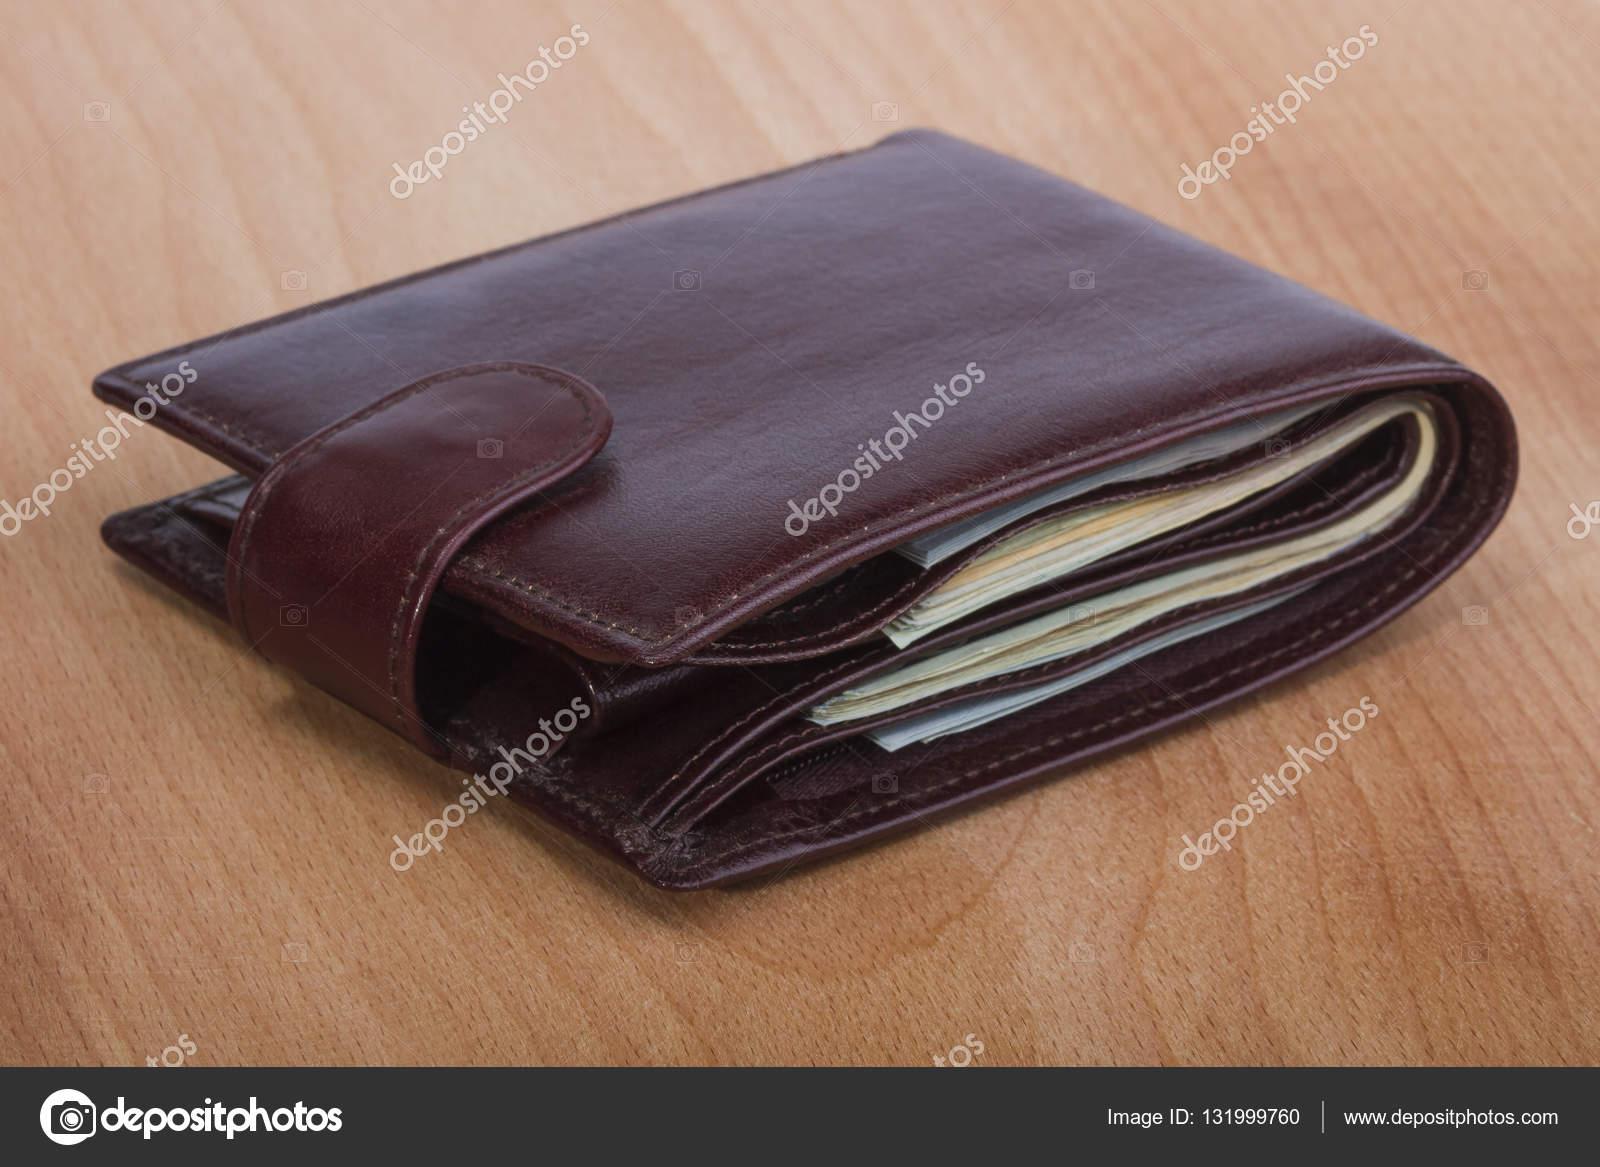 miglior servizio fd4a5 e745b Immagini: portafoglio con soldi | portafoglio con soldi ...